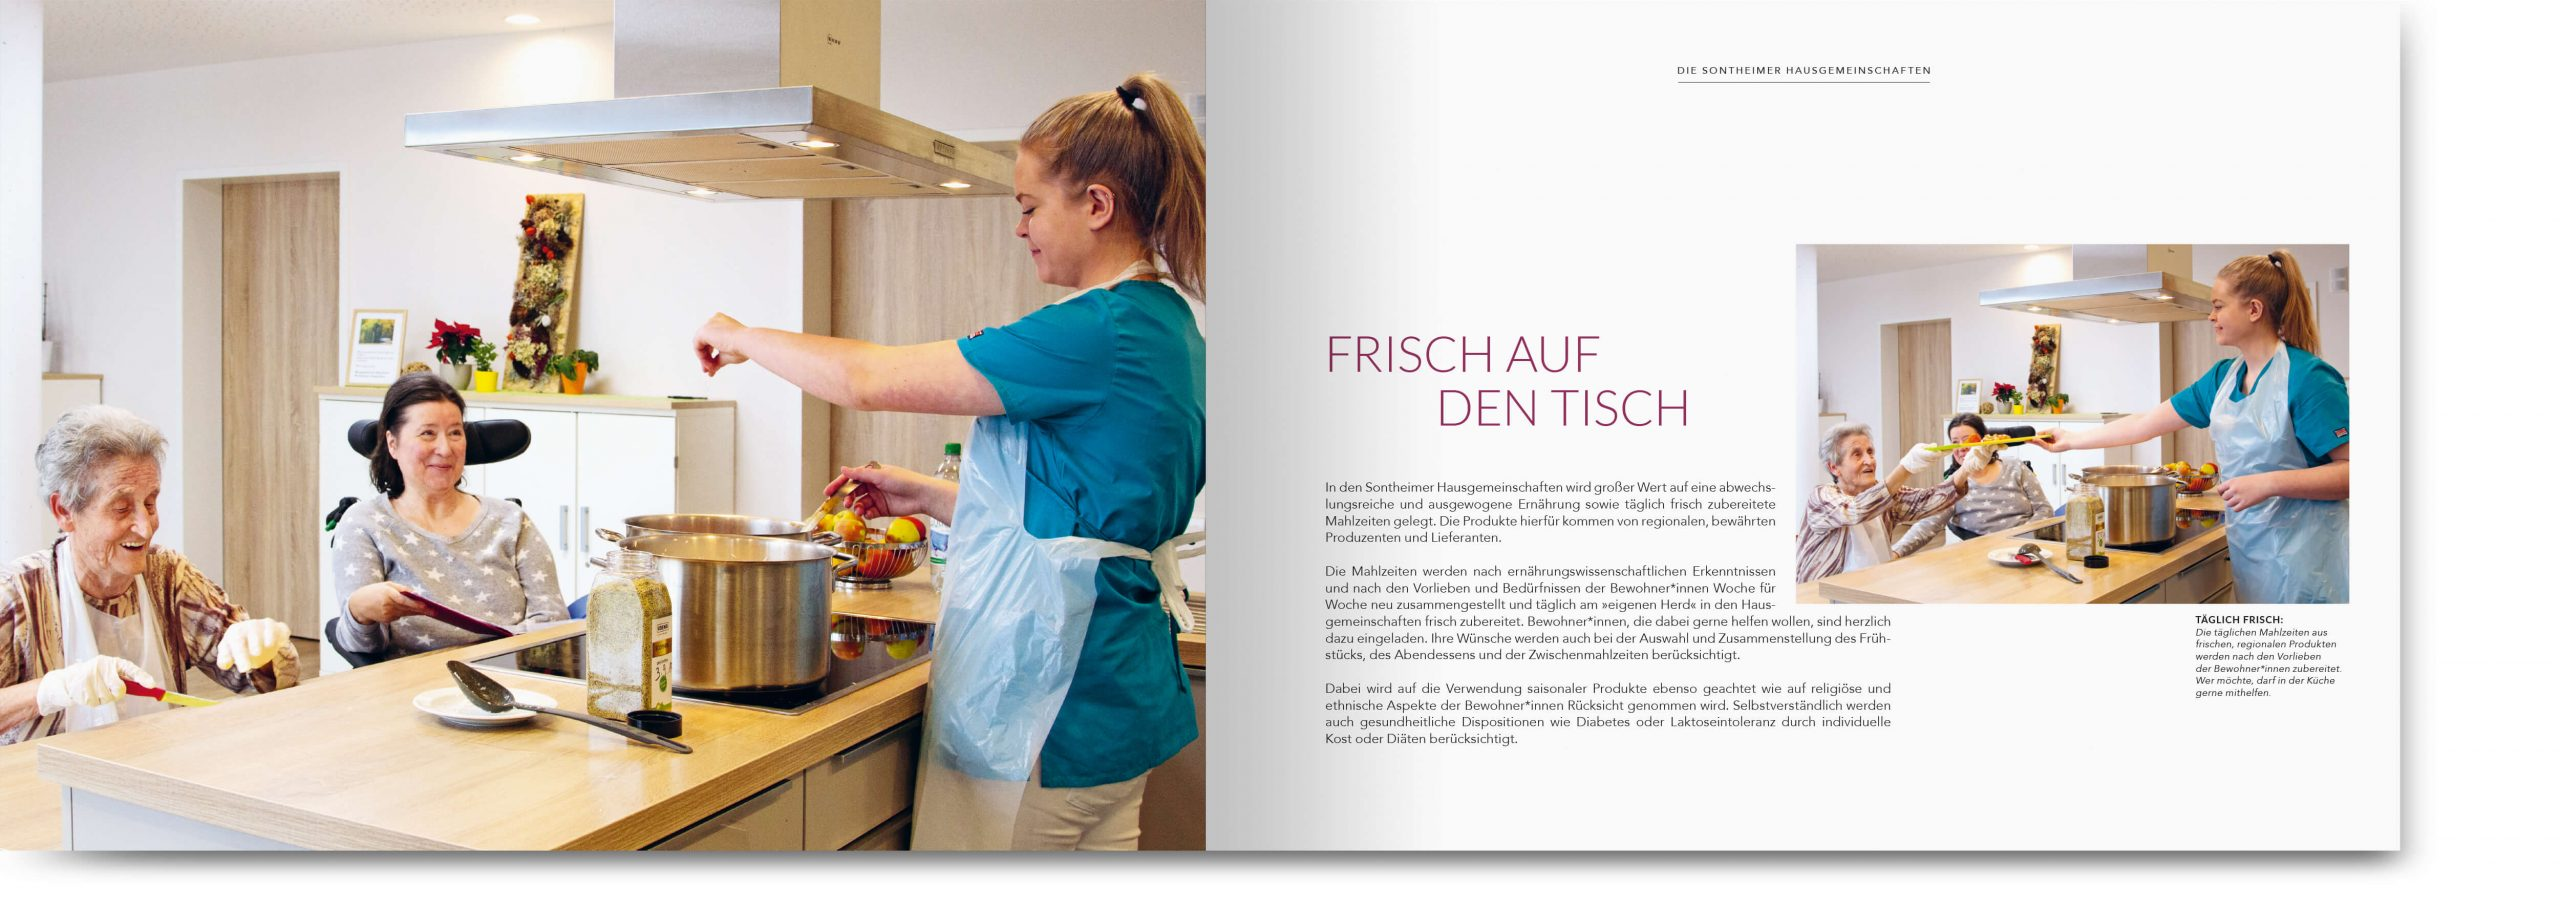 fh-web-asb-broschüren-sontheim-5-scaled.jpg